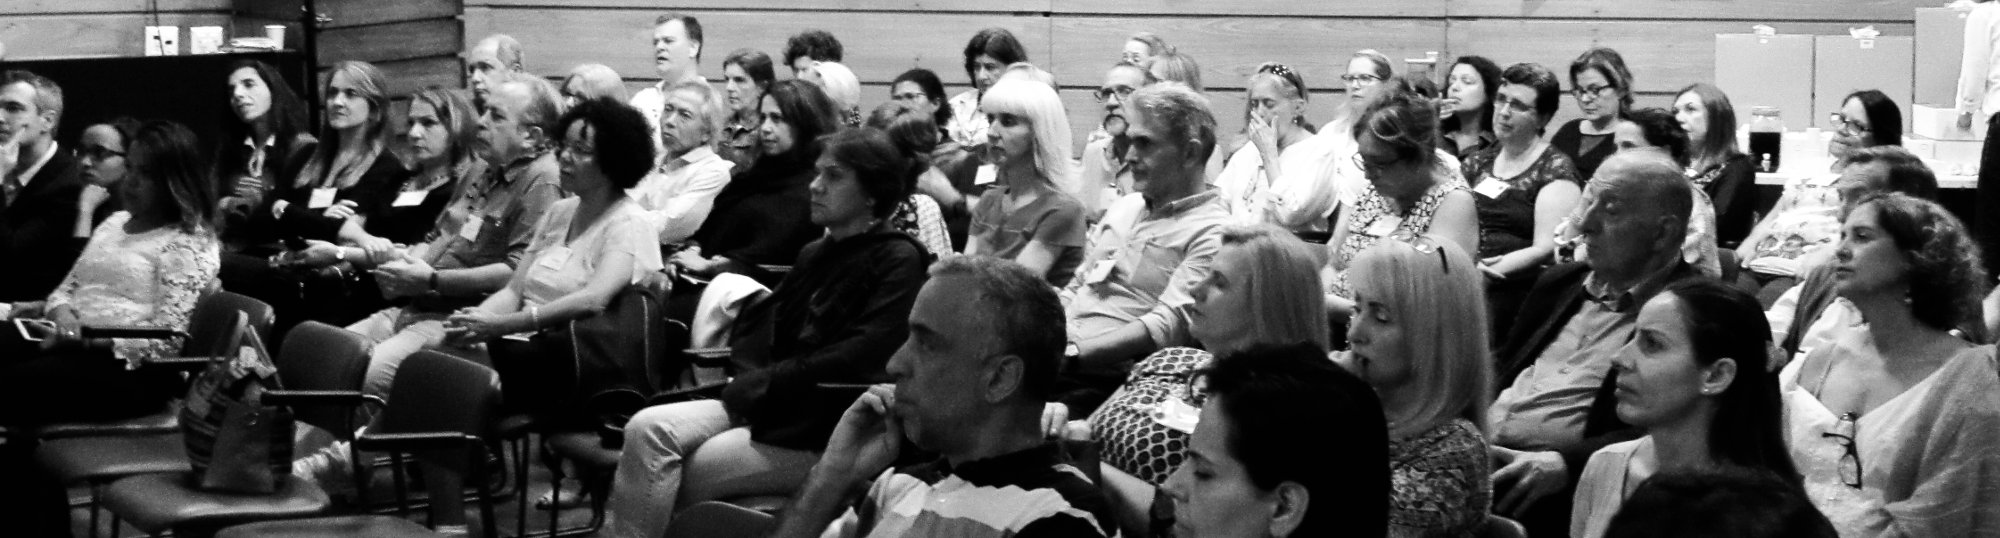 Durante três dias, MaturiFest discutirá temas como reinvenção profissional, crescimento pessoal, novas carreiras e empreendedorismo para os mais velhos. Foto: Divulgação.